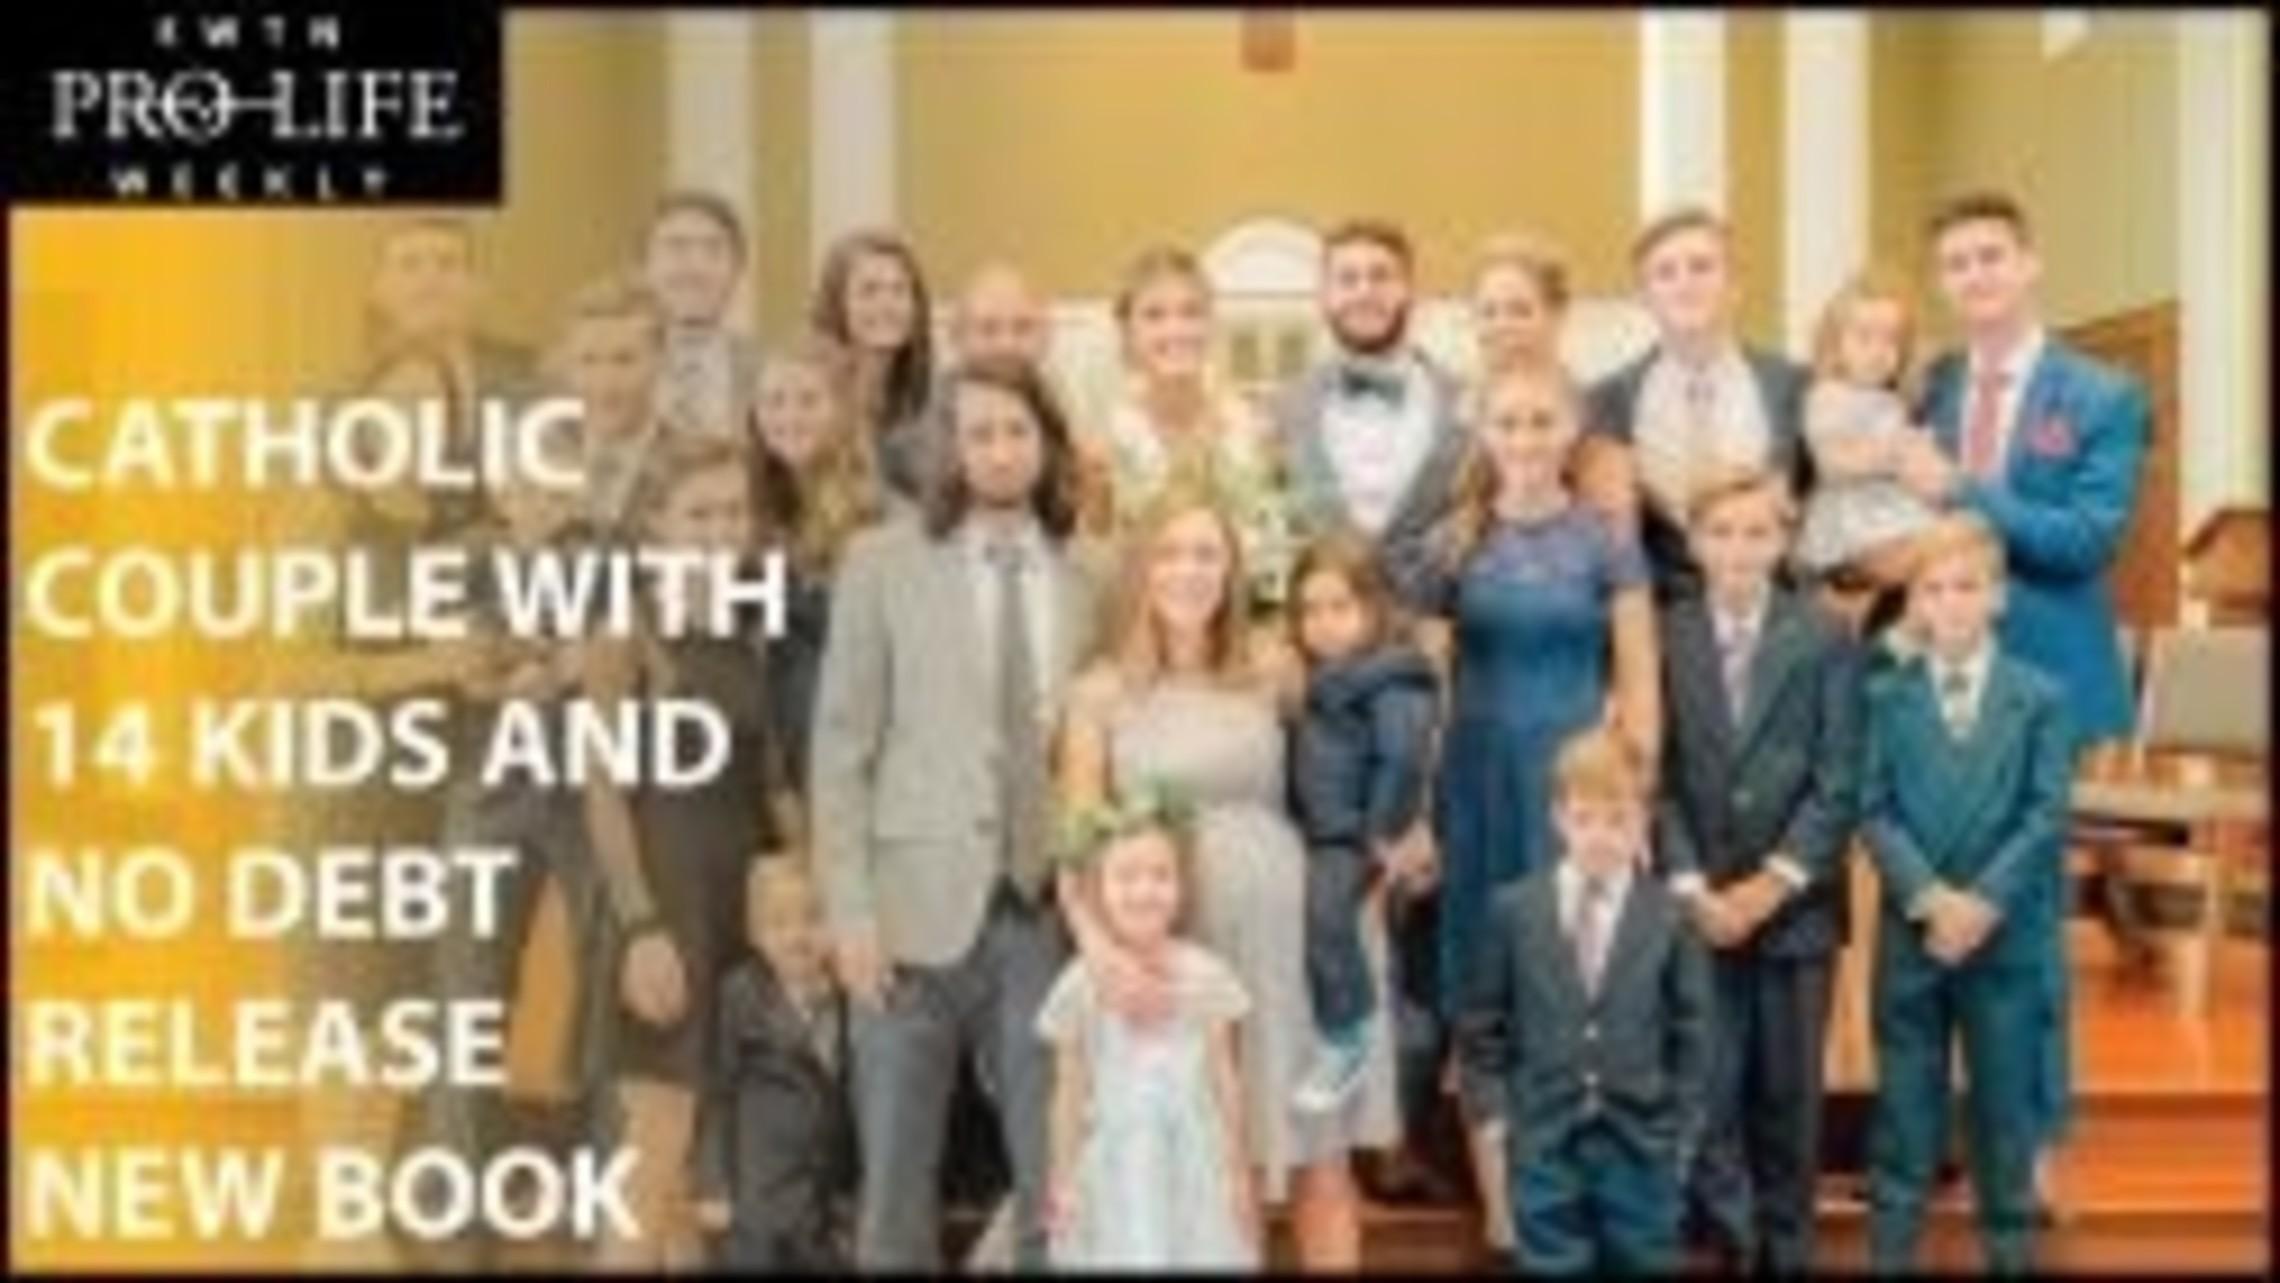 Catholic Couple with 14 Kids